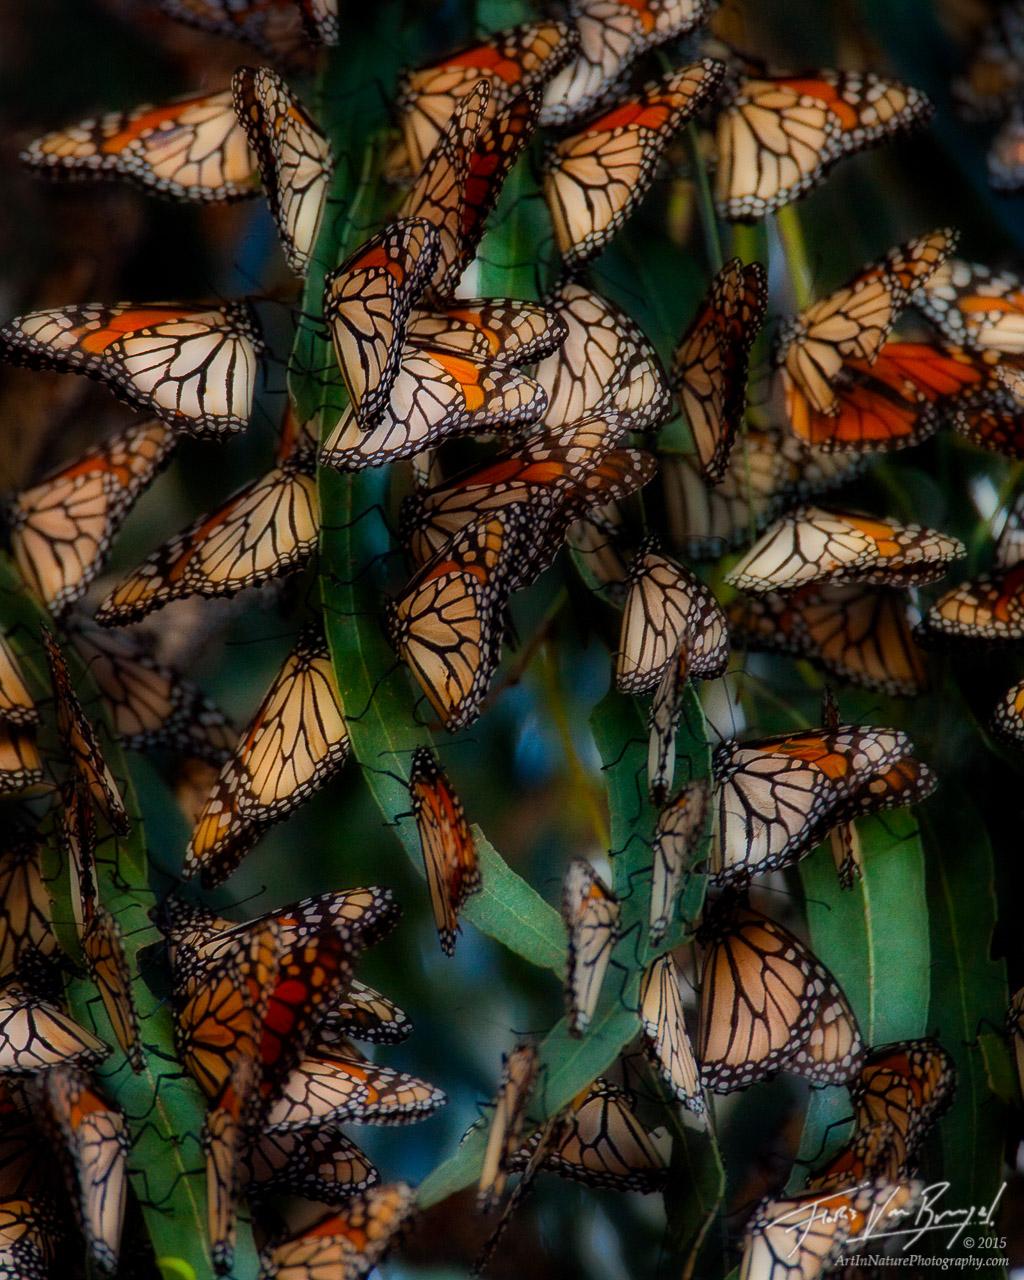 Monarch Butterflies Roosting in Grove, Pismo Beach, California, Danaus plexippus, photo